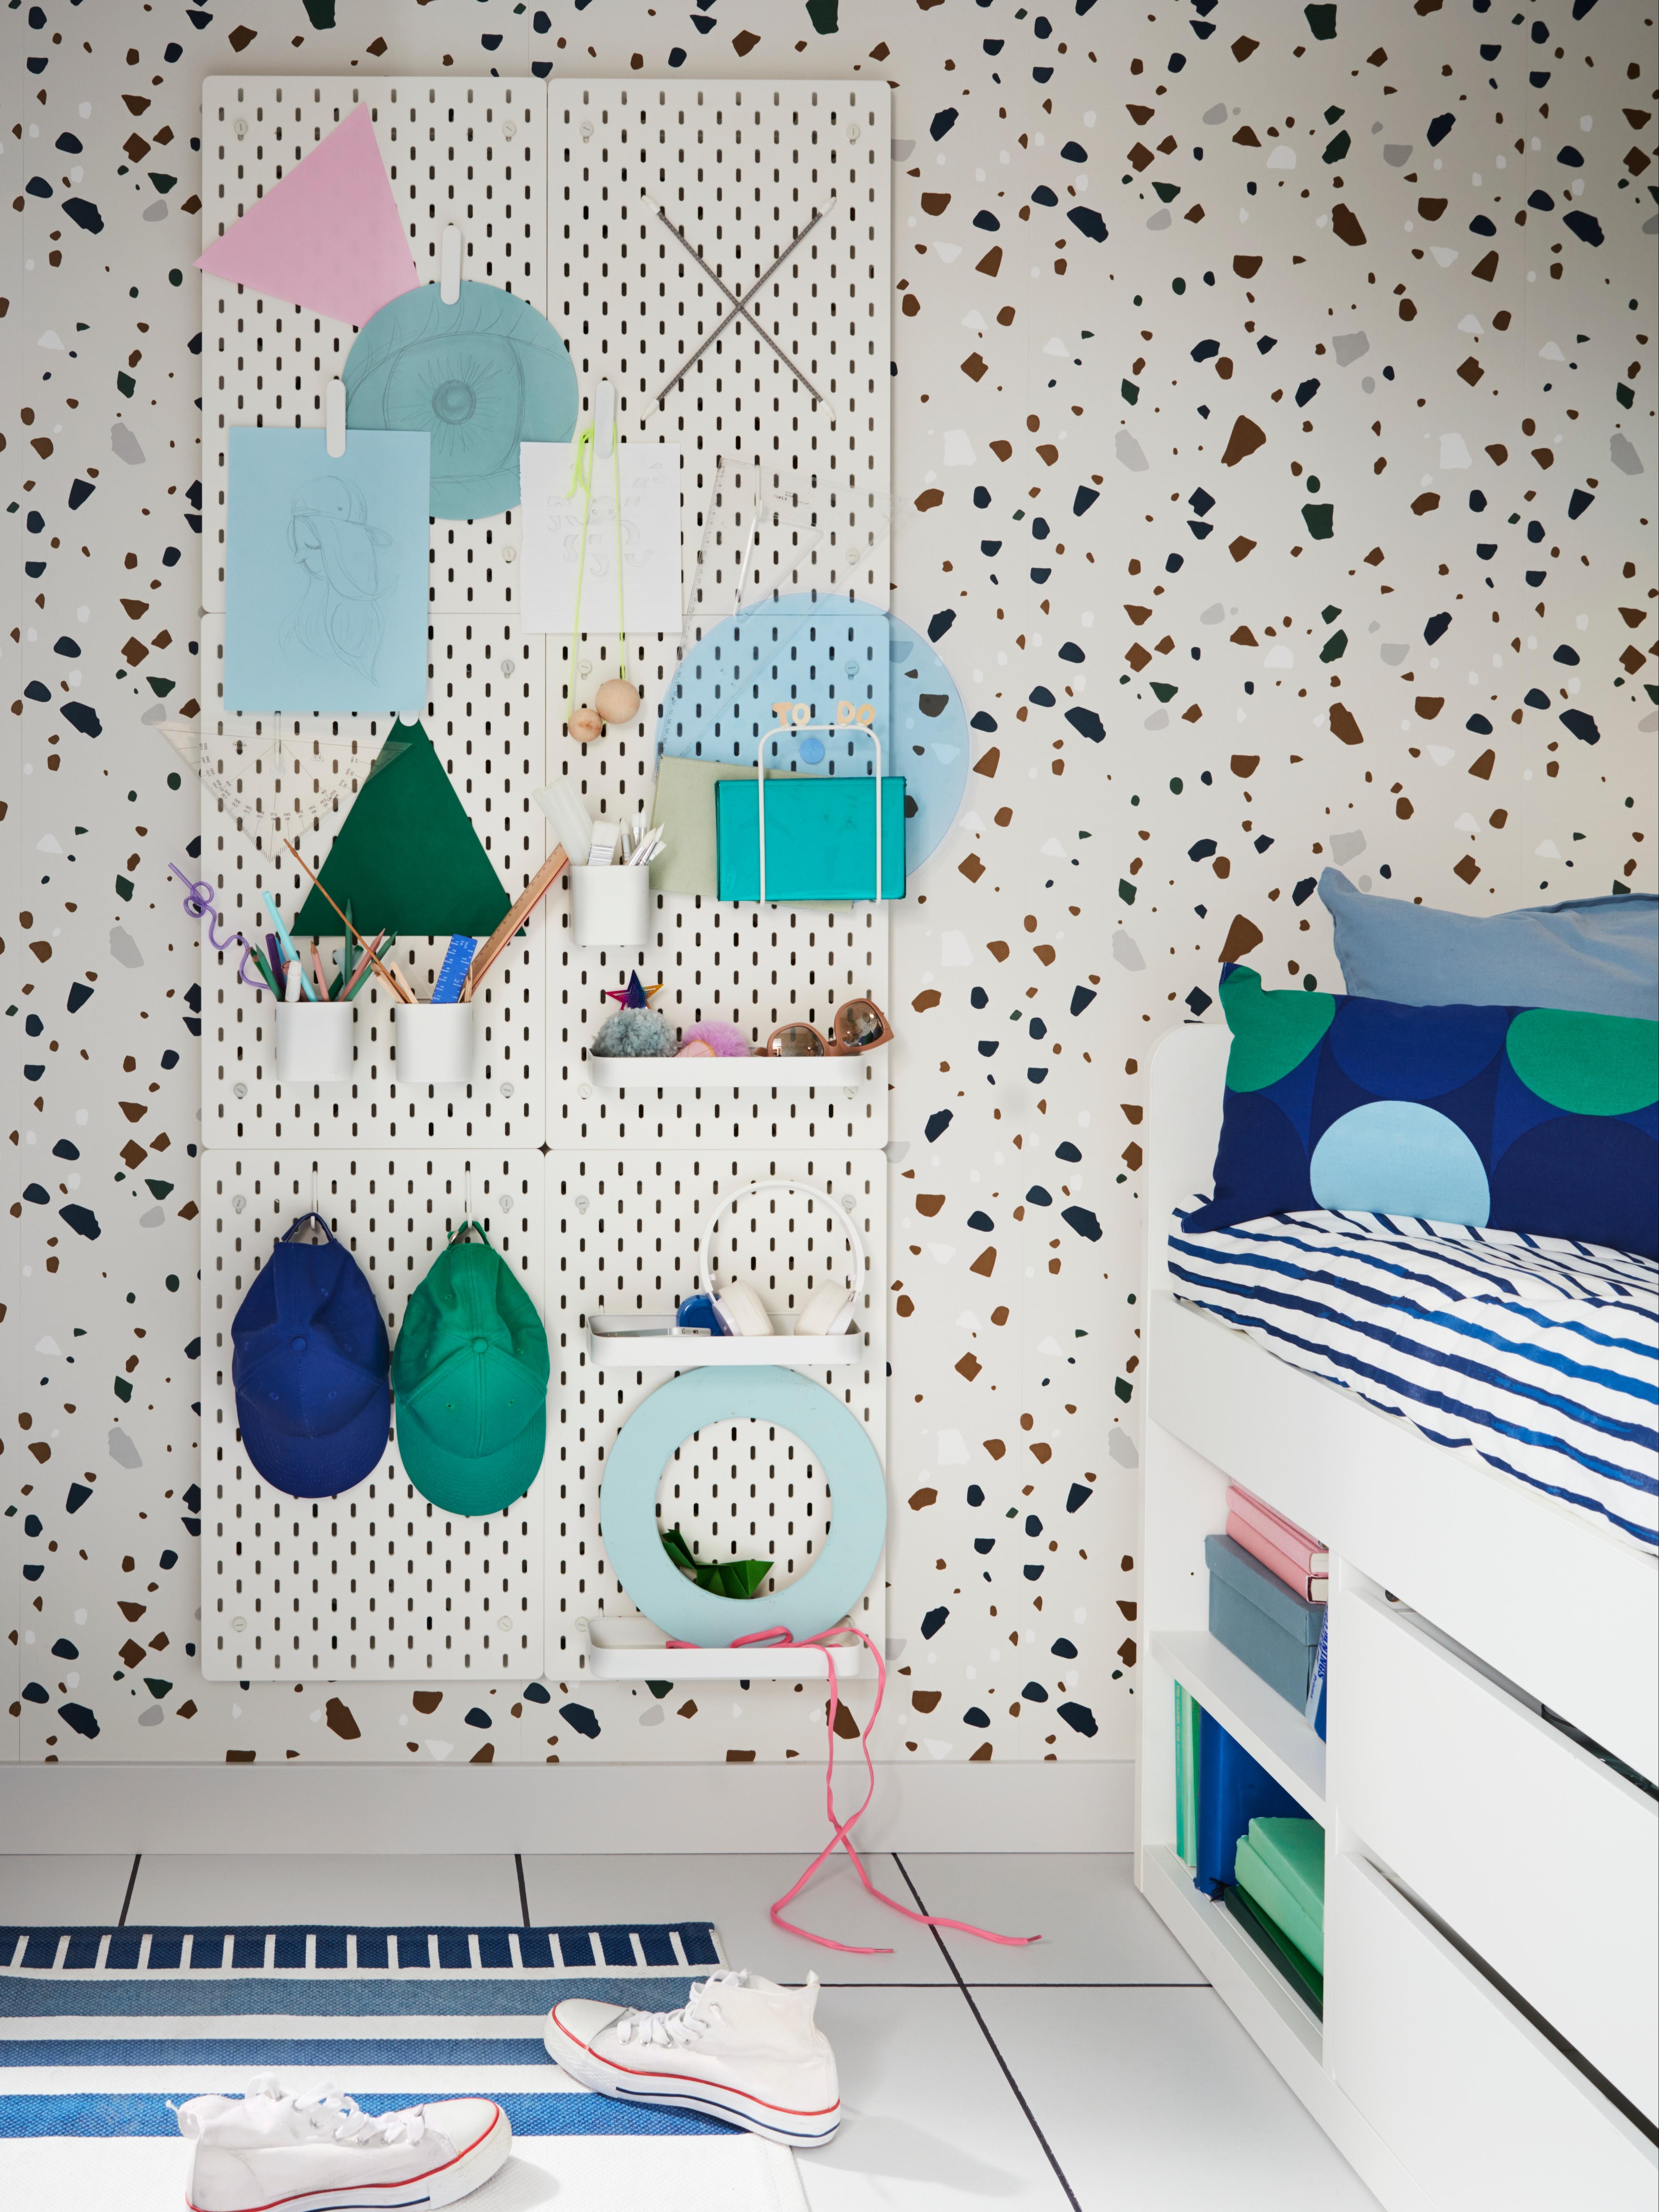 Tre file da due di pannelli portaoggetti SKÅDIS bianchi appesi vicino a un letto, con contenitori e mensole contenenti un tablet, cuffie e altri oggetti.